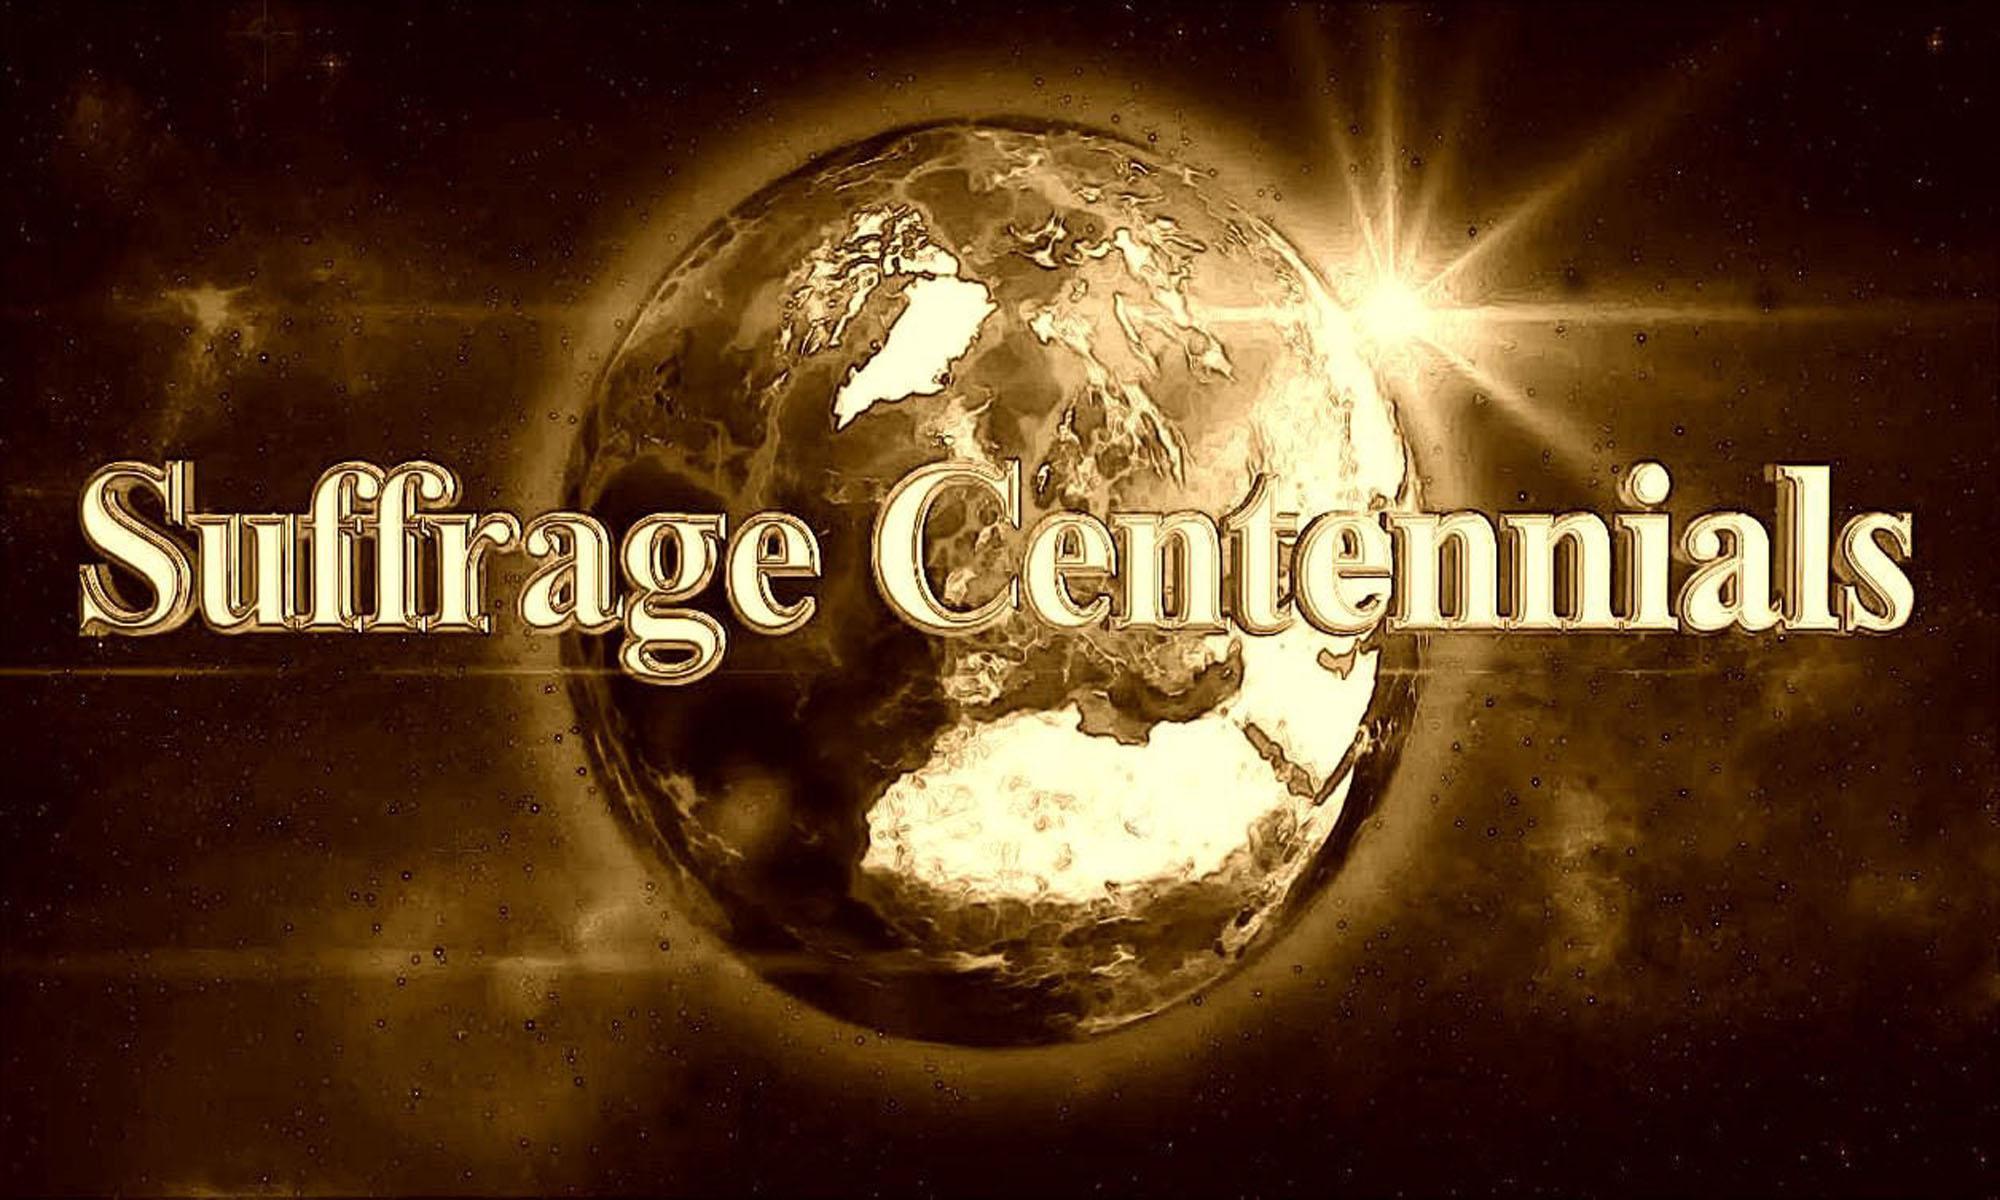 2020 suffrage centennial  